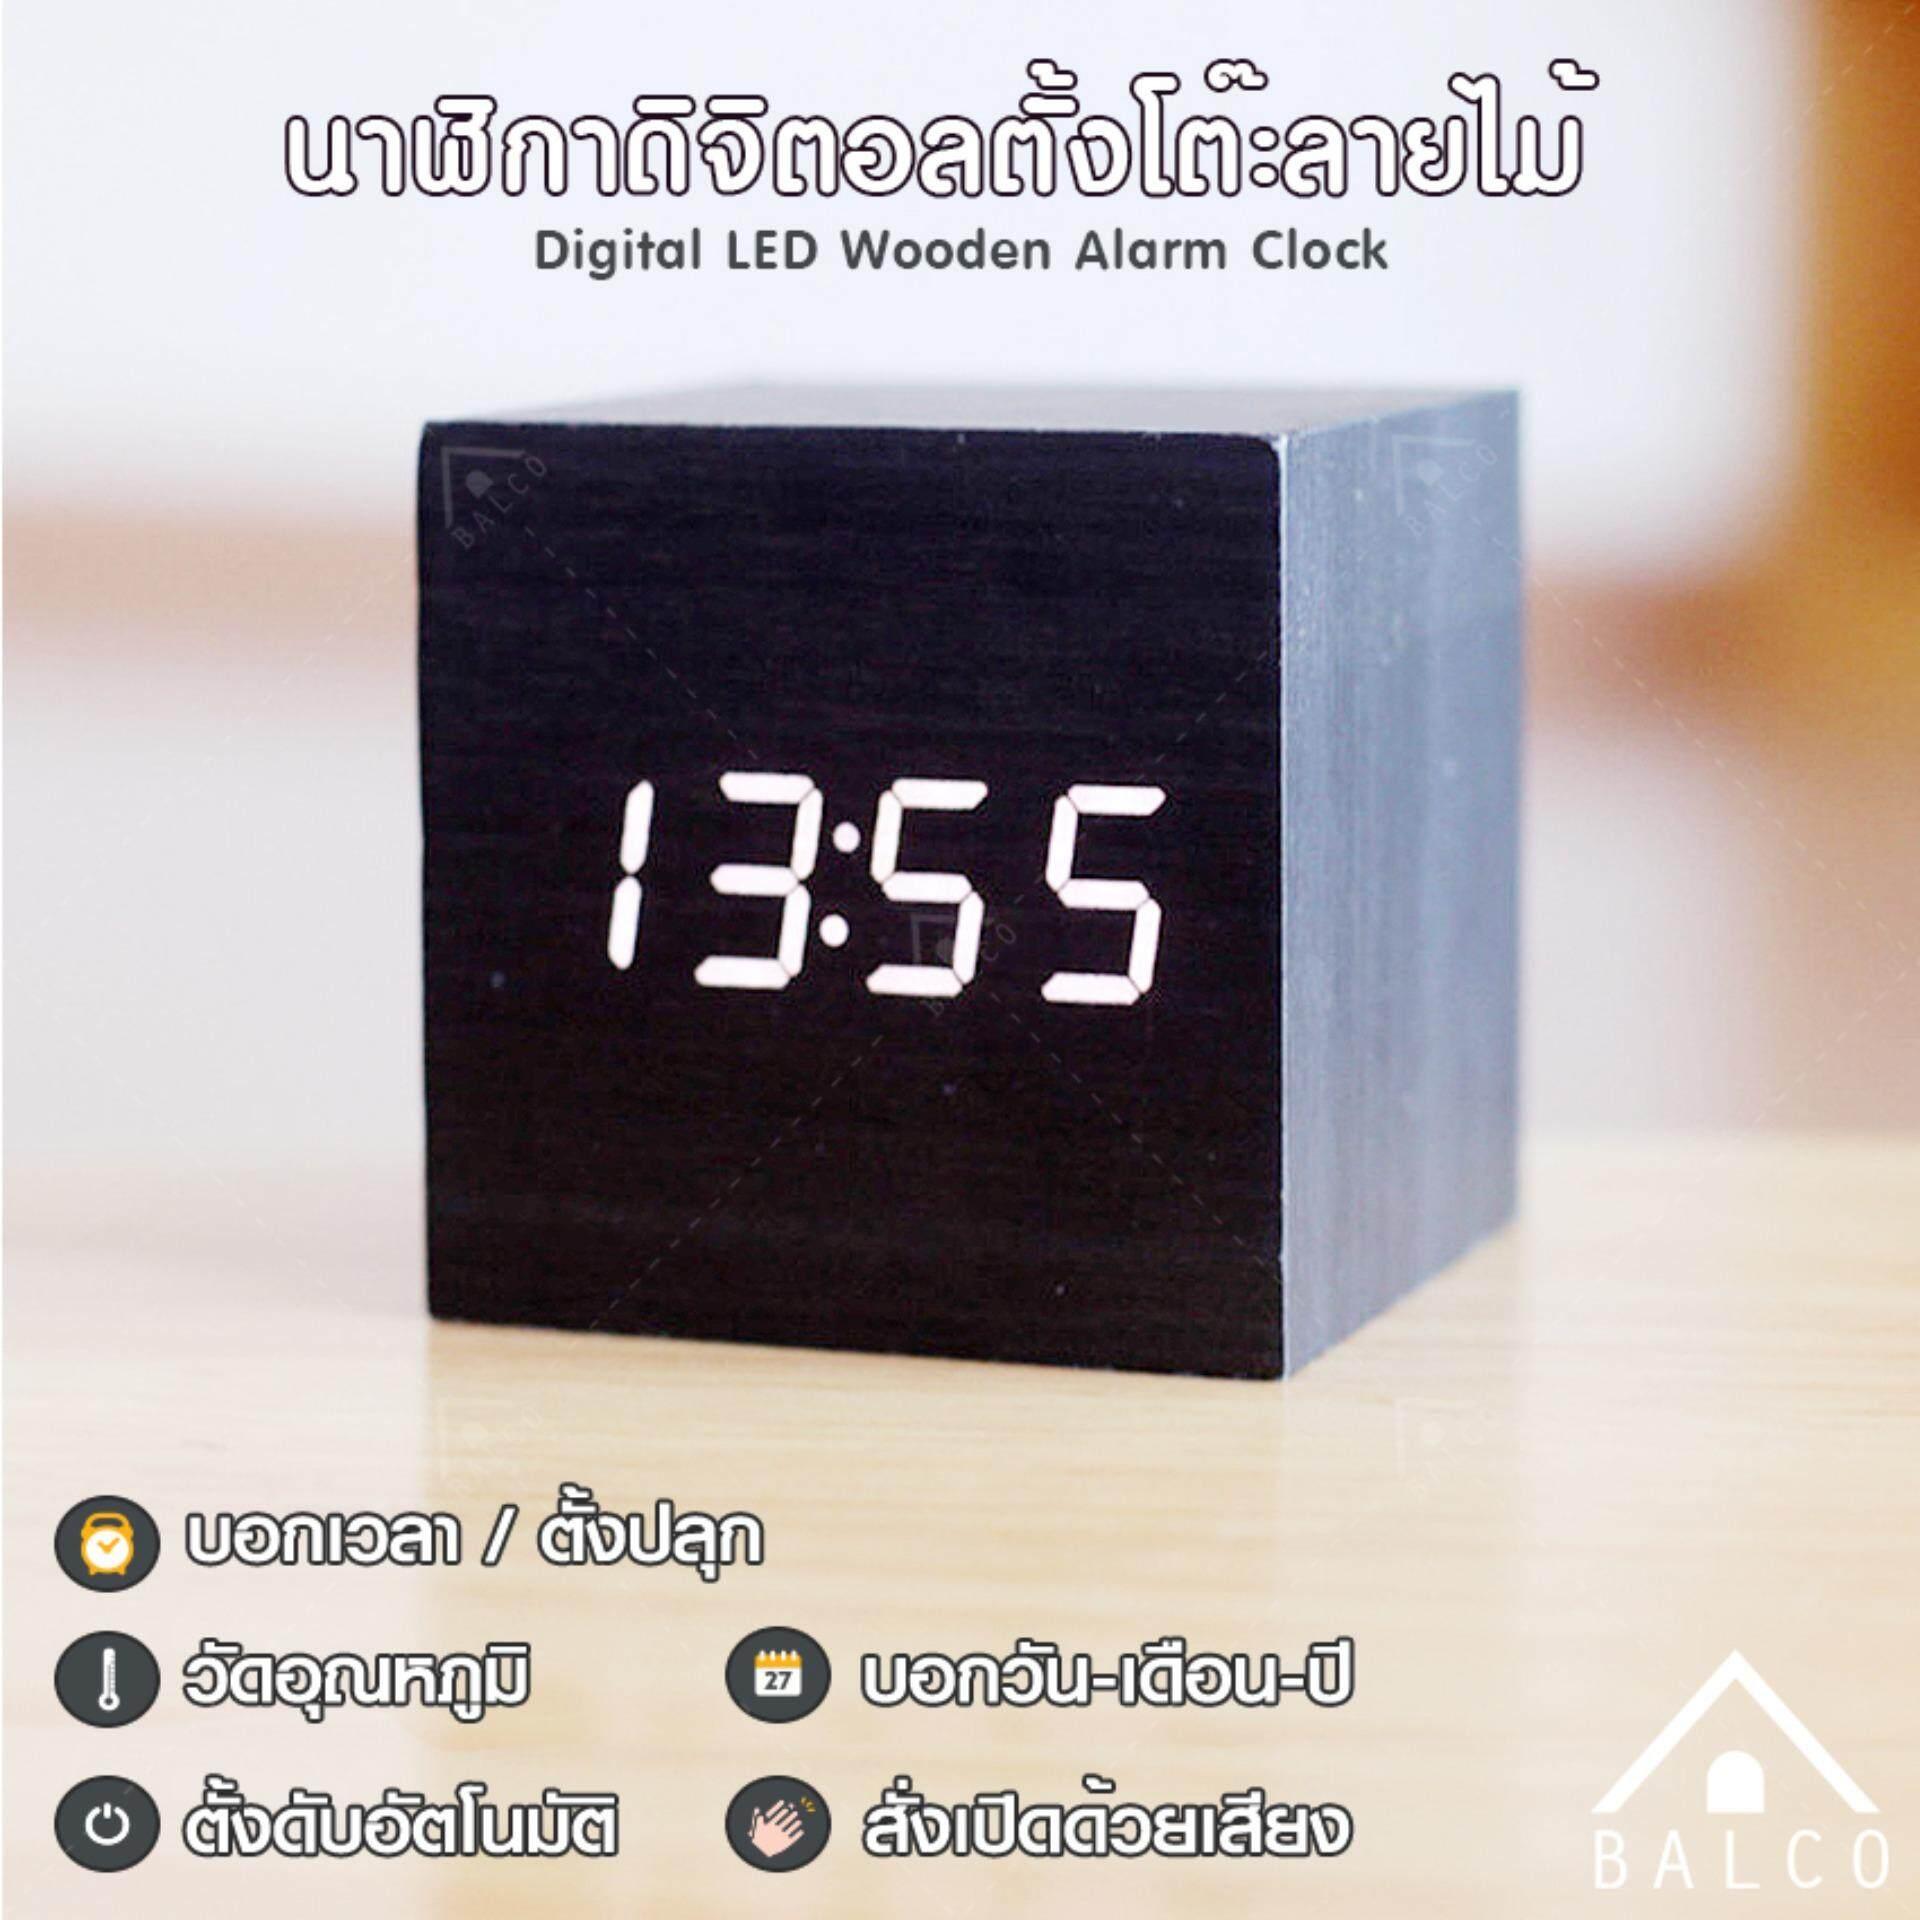 ราคา ราคาถูกที่สุด Balco นาฬิกาดิจิตอลตั้งโต๊ะลายไม้ Digital Led Wooden Alarm Clock บอกเวลา บอกวันเดือนปี ตั้งปลุก และวัดอุณหภูมิได้ ฟังค์ชั่นครบครัน รุ่น Kdh 0016 ลายไม้สีดำ ไฟ Led สีขาว Black White